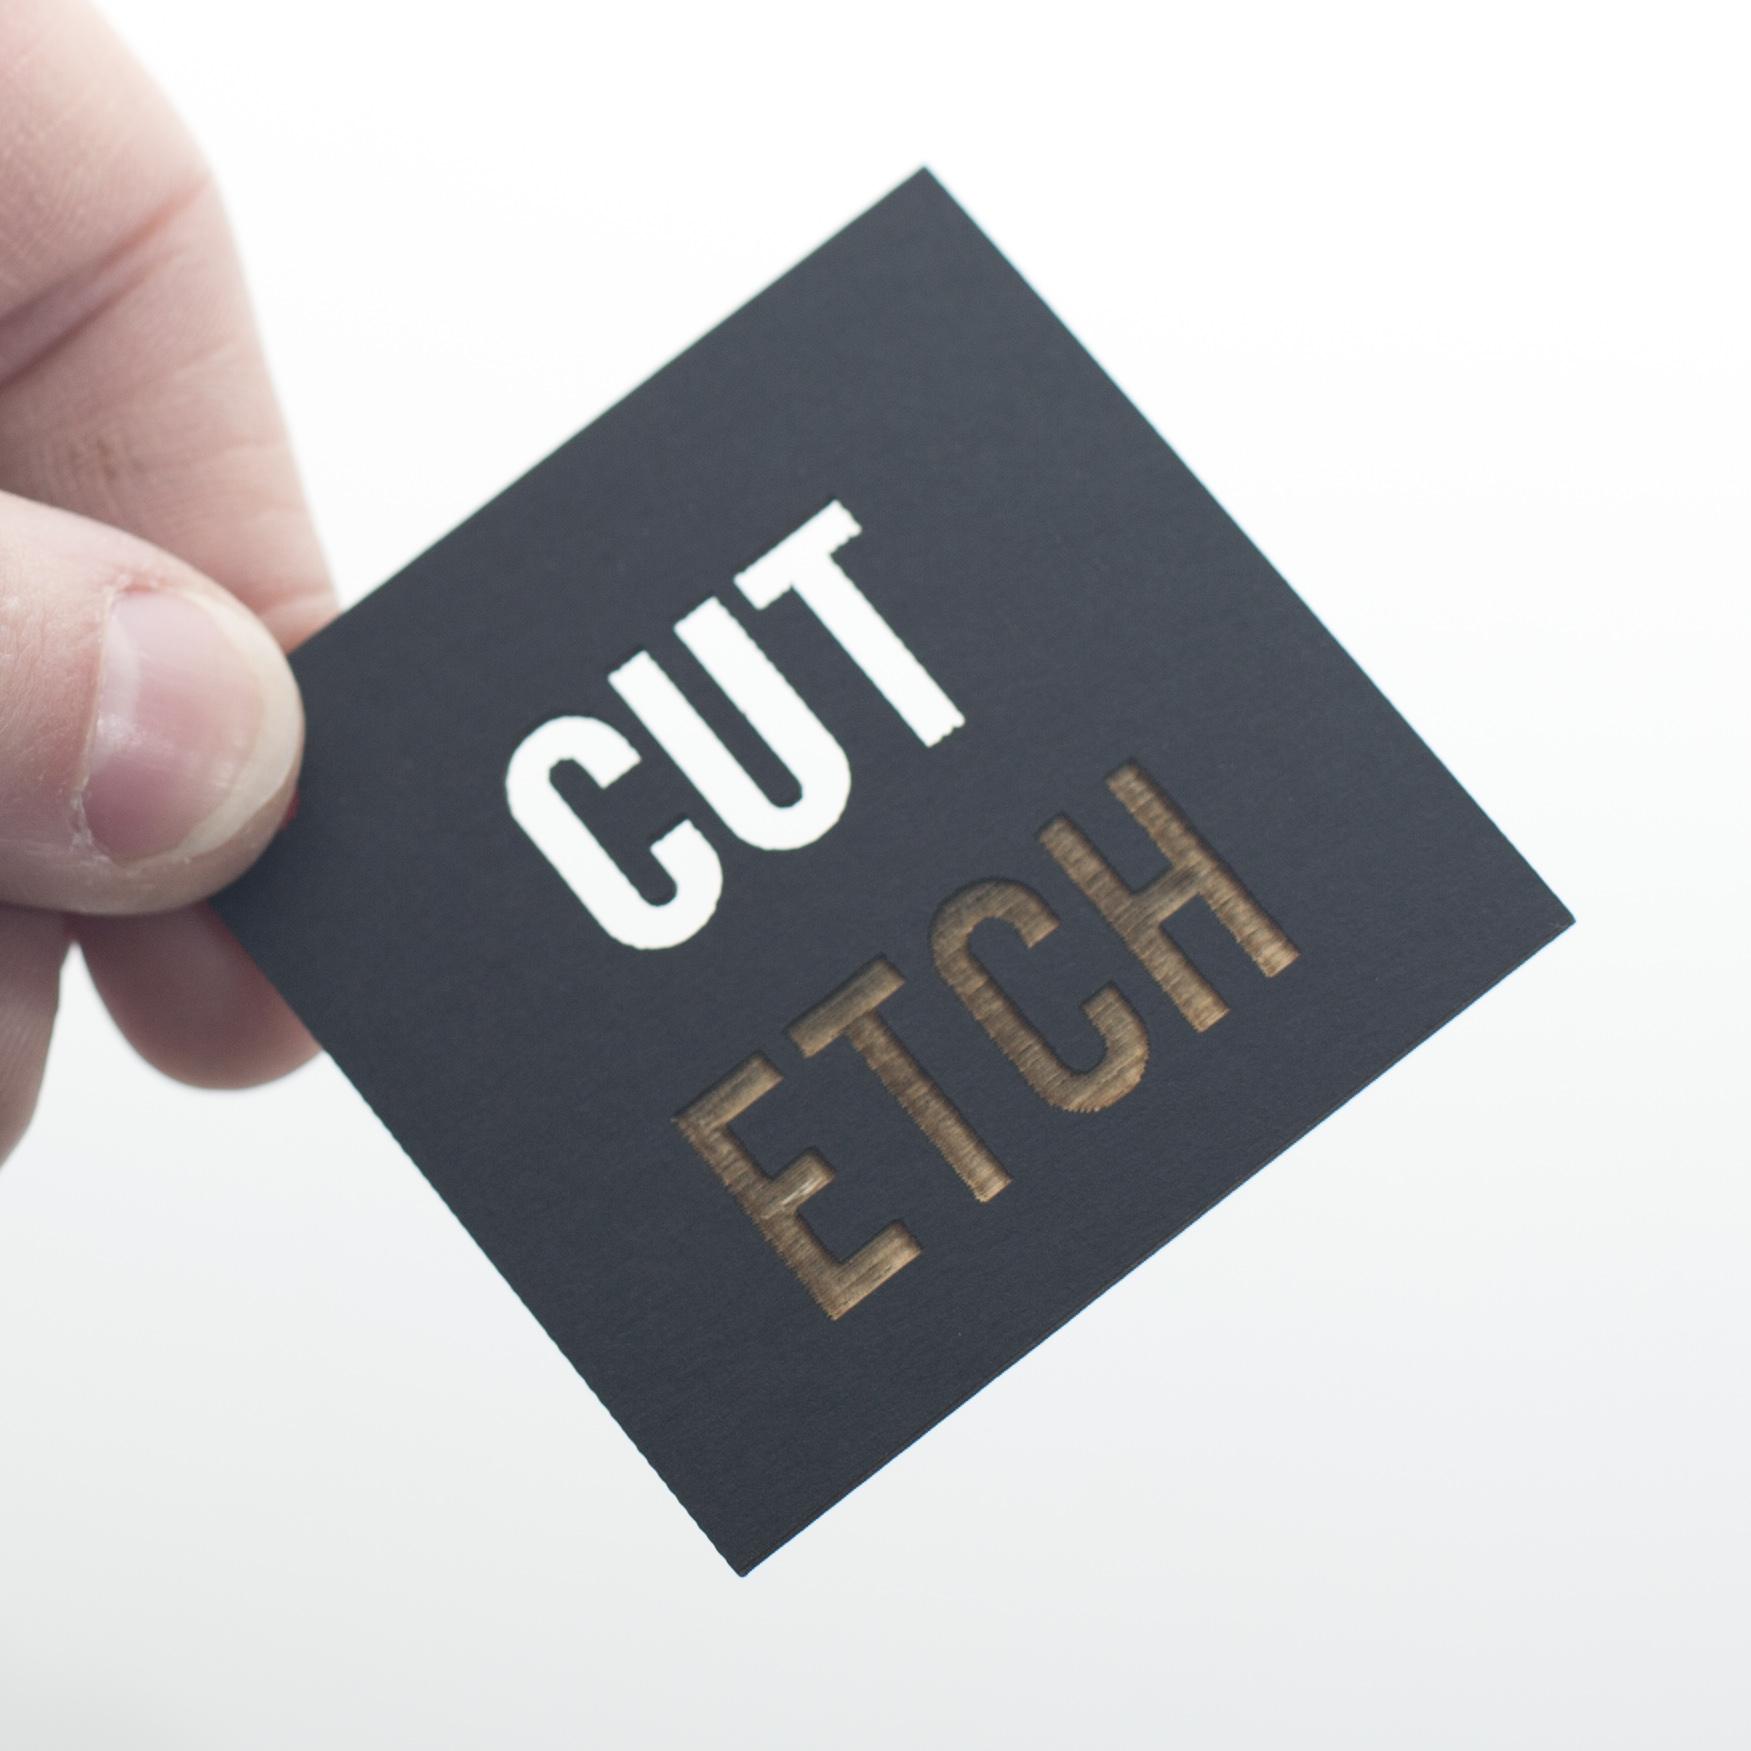 MatBoardCutEtch.jpg